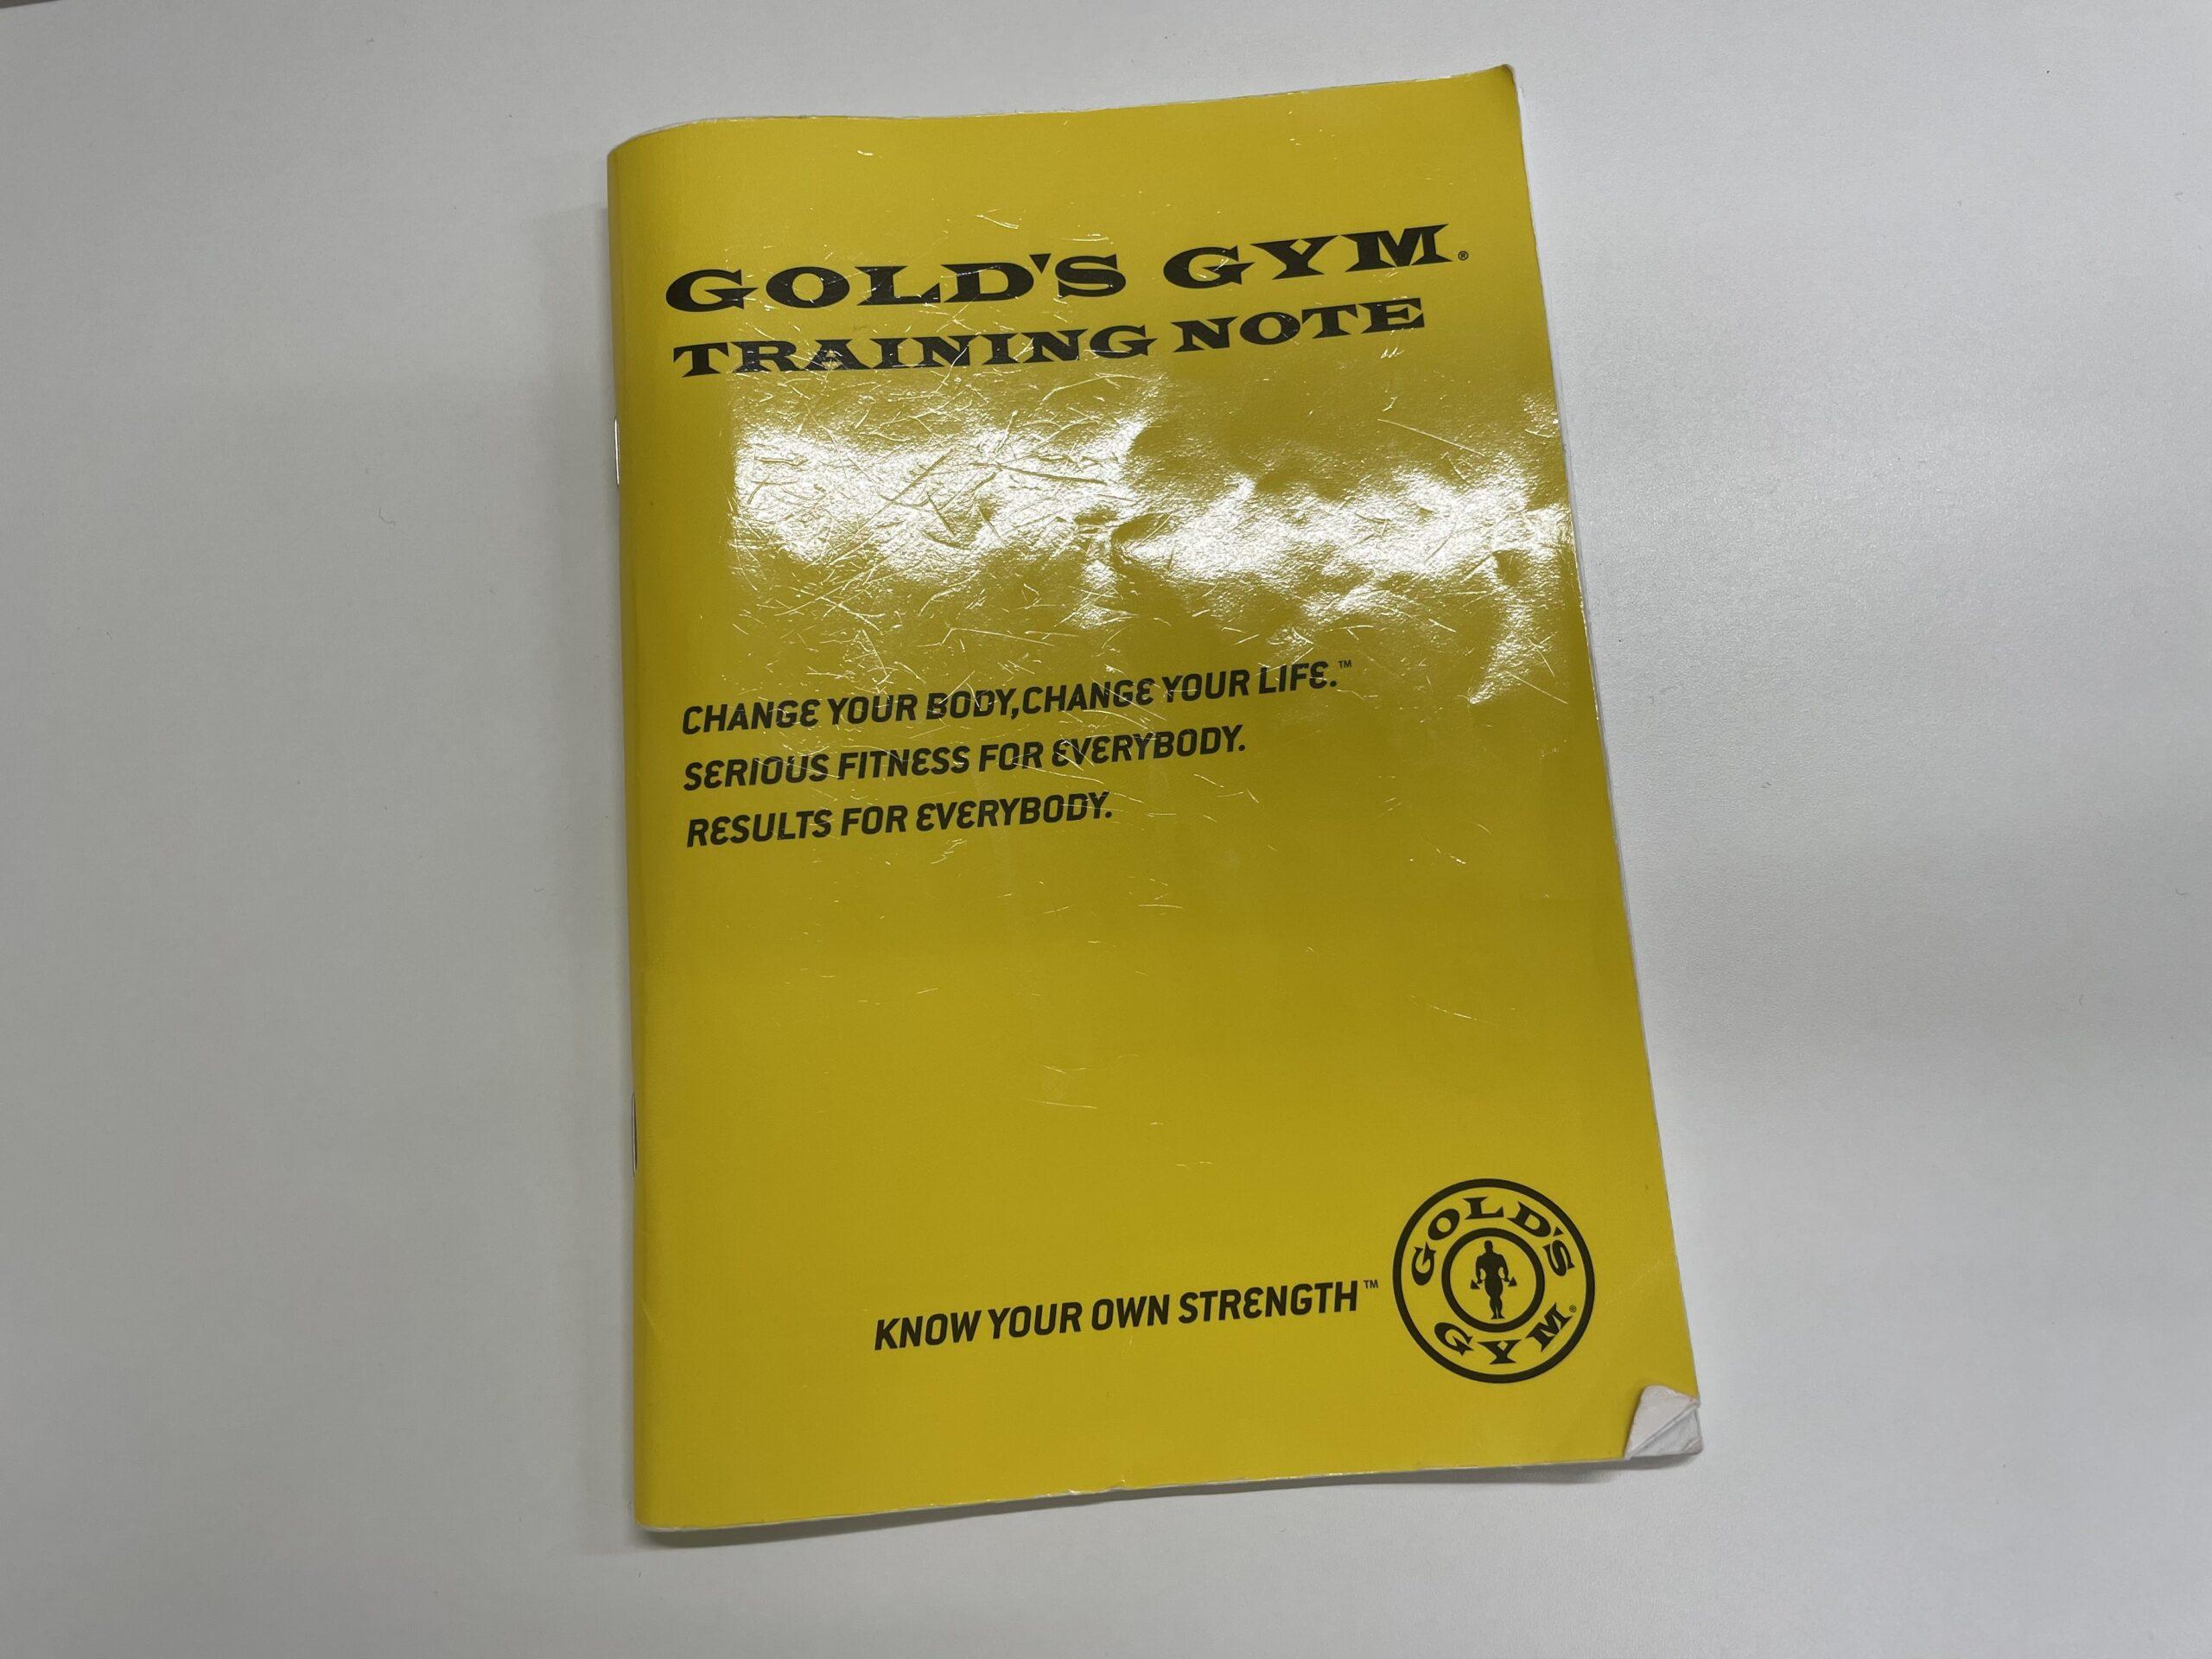 ゴールドジムのトレーニングノート